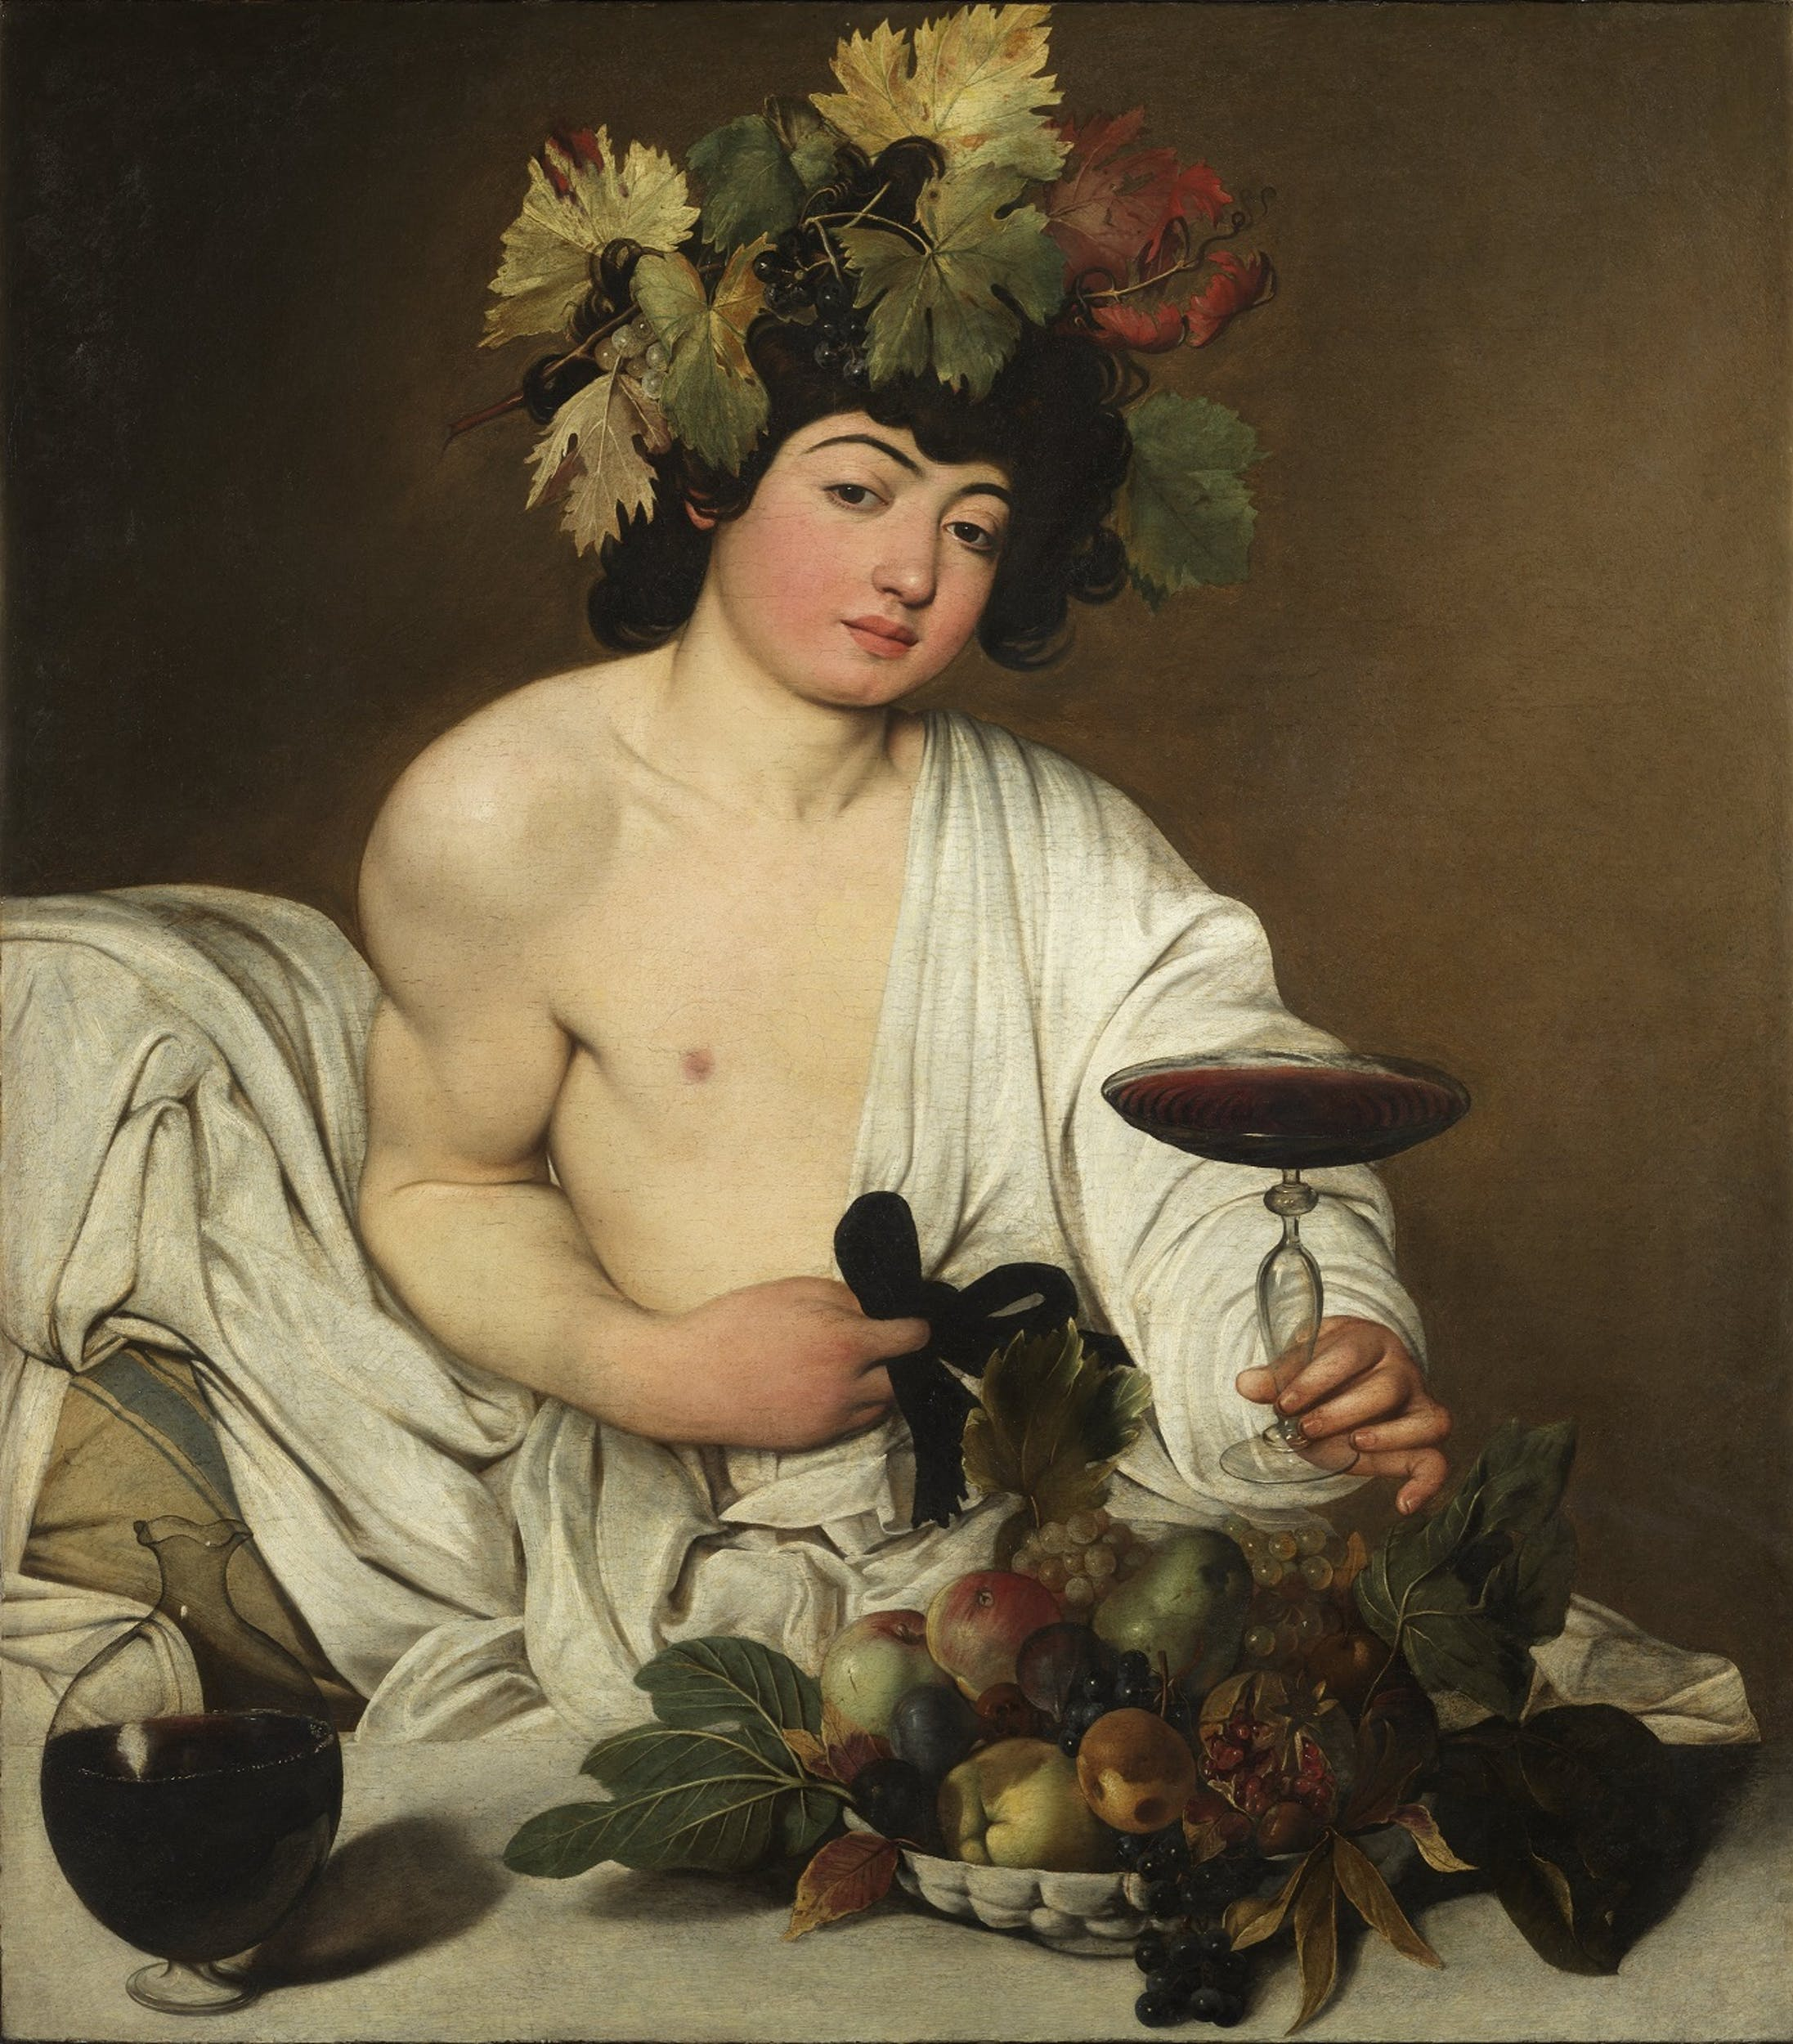 Michelangelo Merisi detto Caravaggio, Bacco